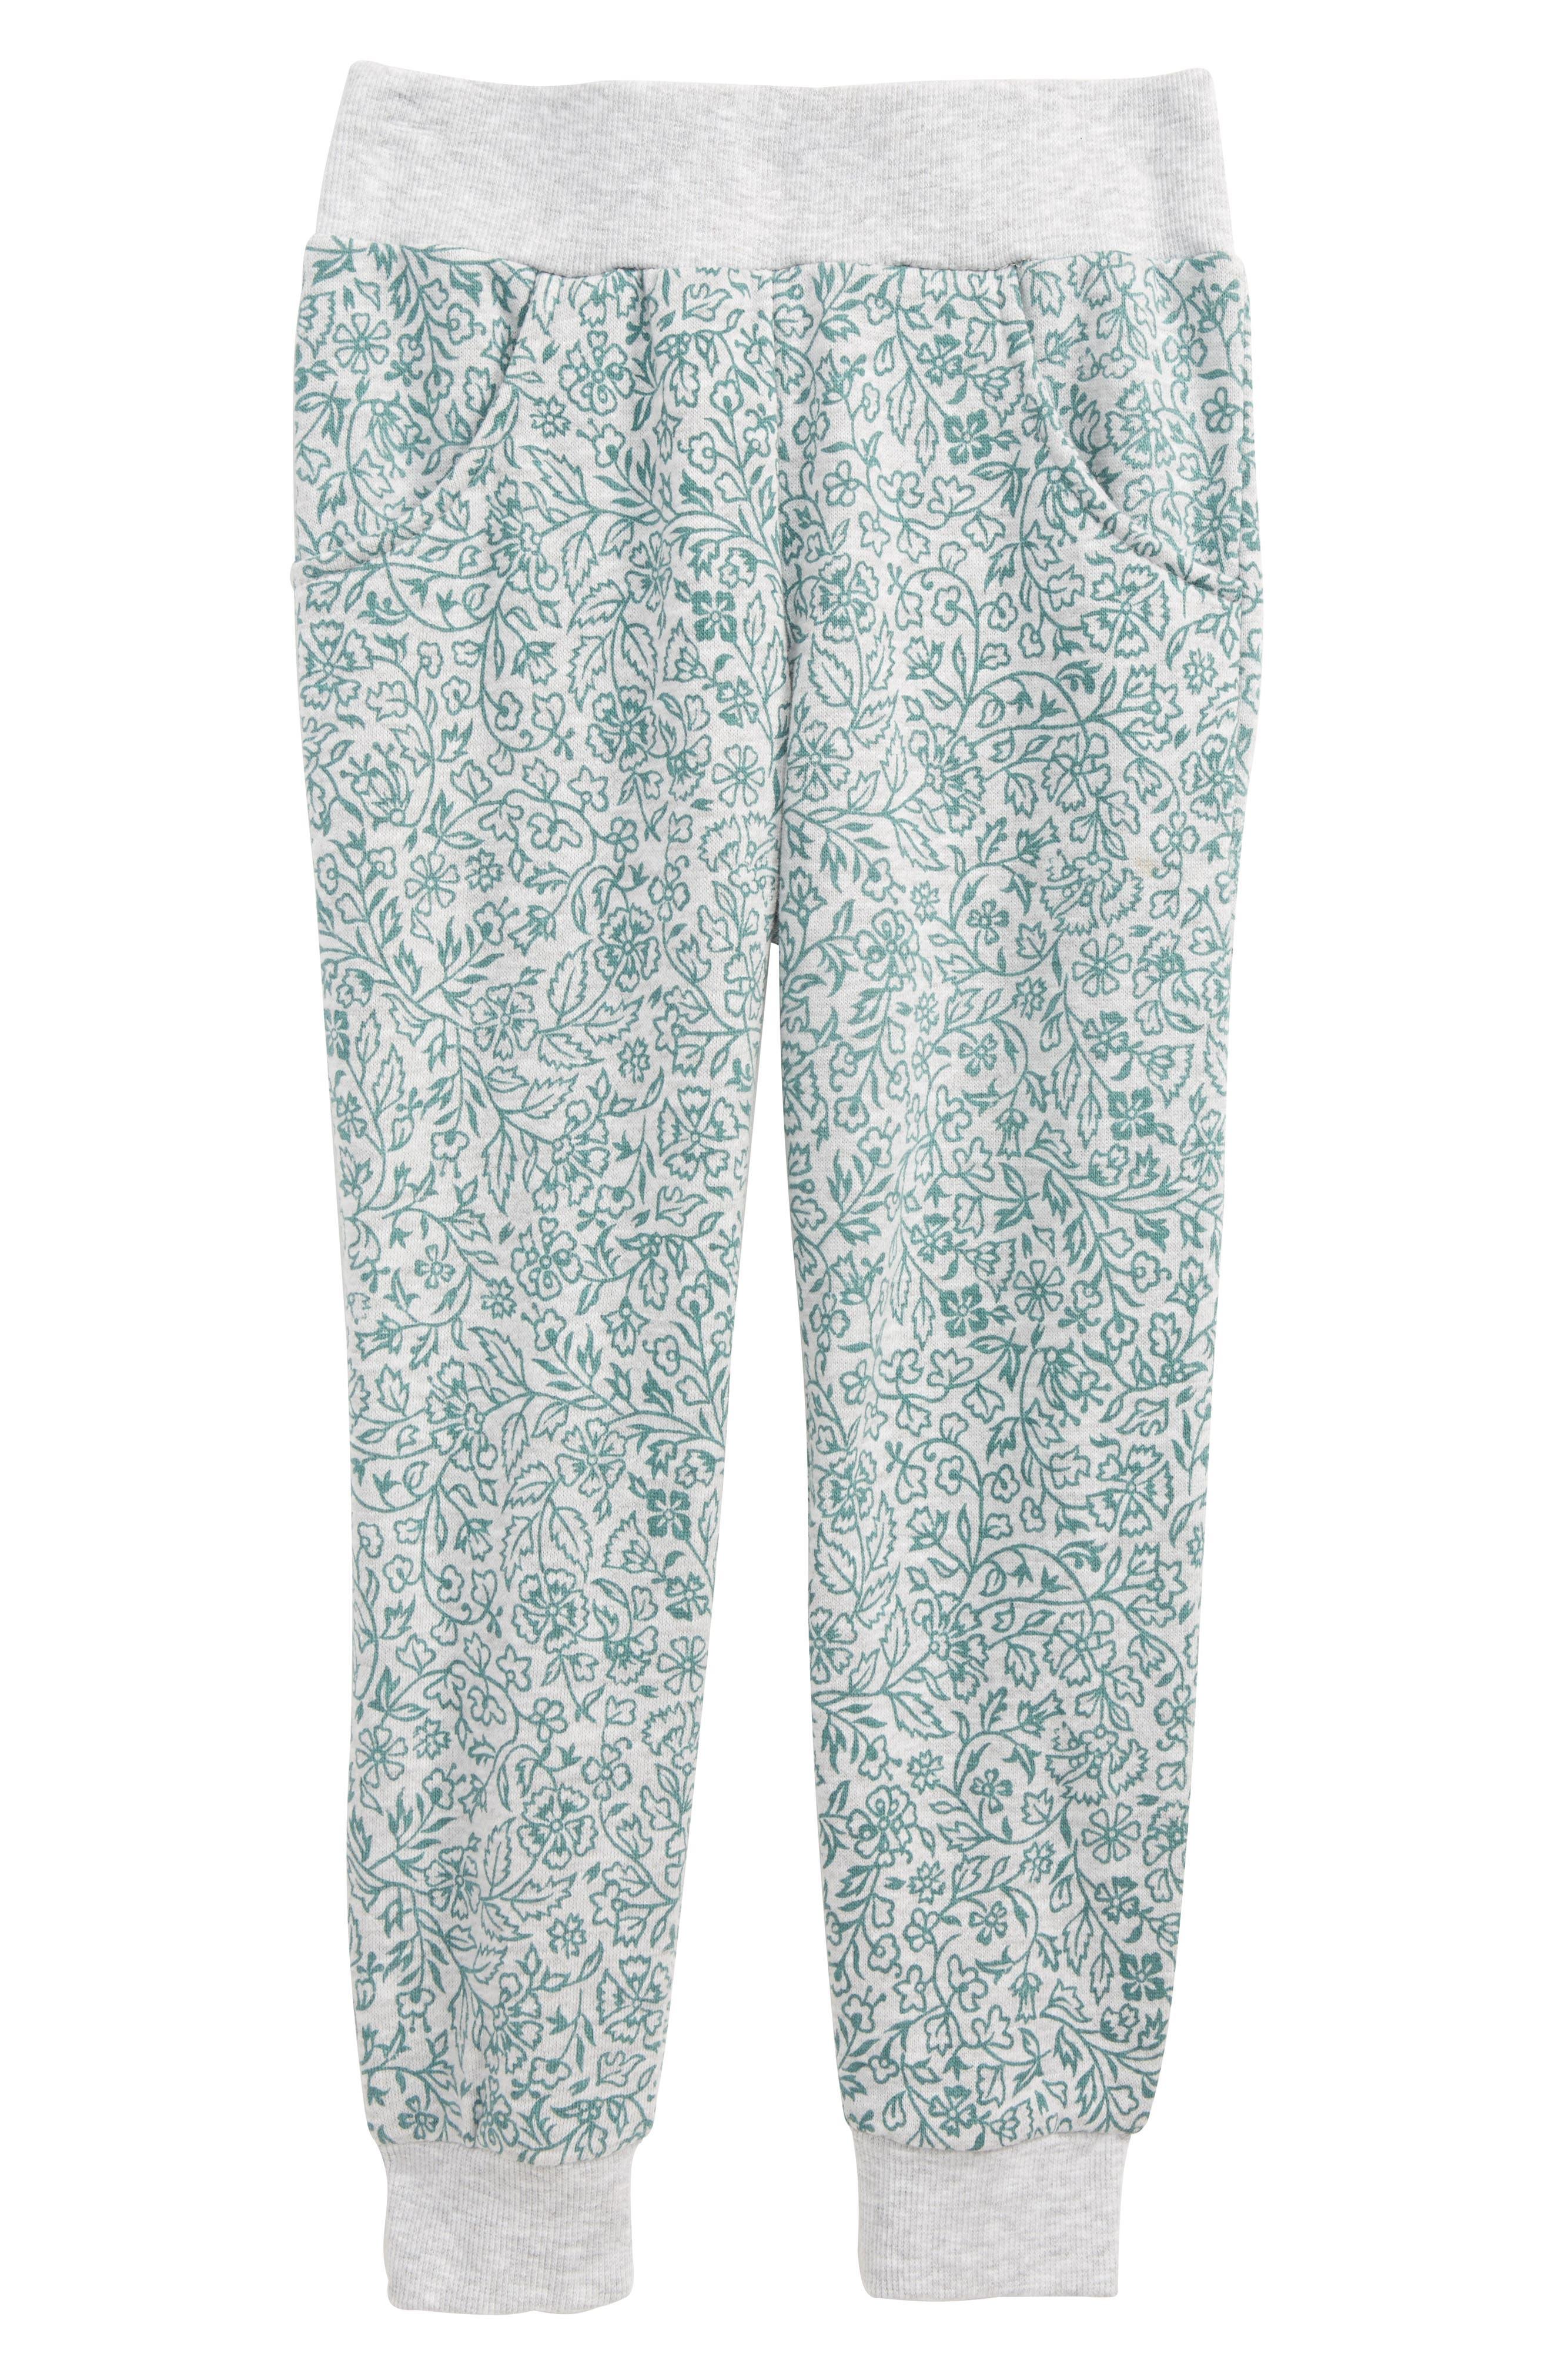 Main Image - O'Neill Arrowhead Fleece Jogger Pants (Toddler Girls & Little Girls)